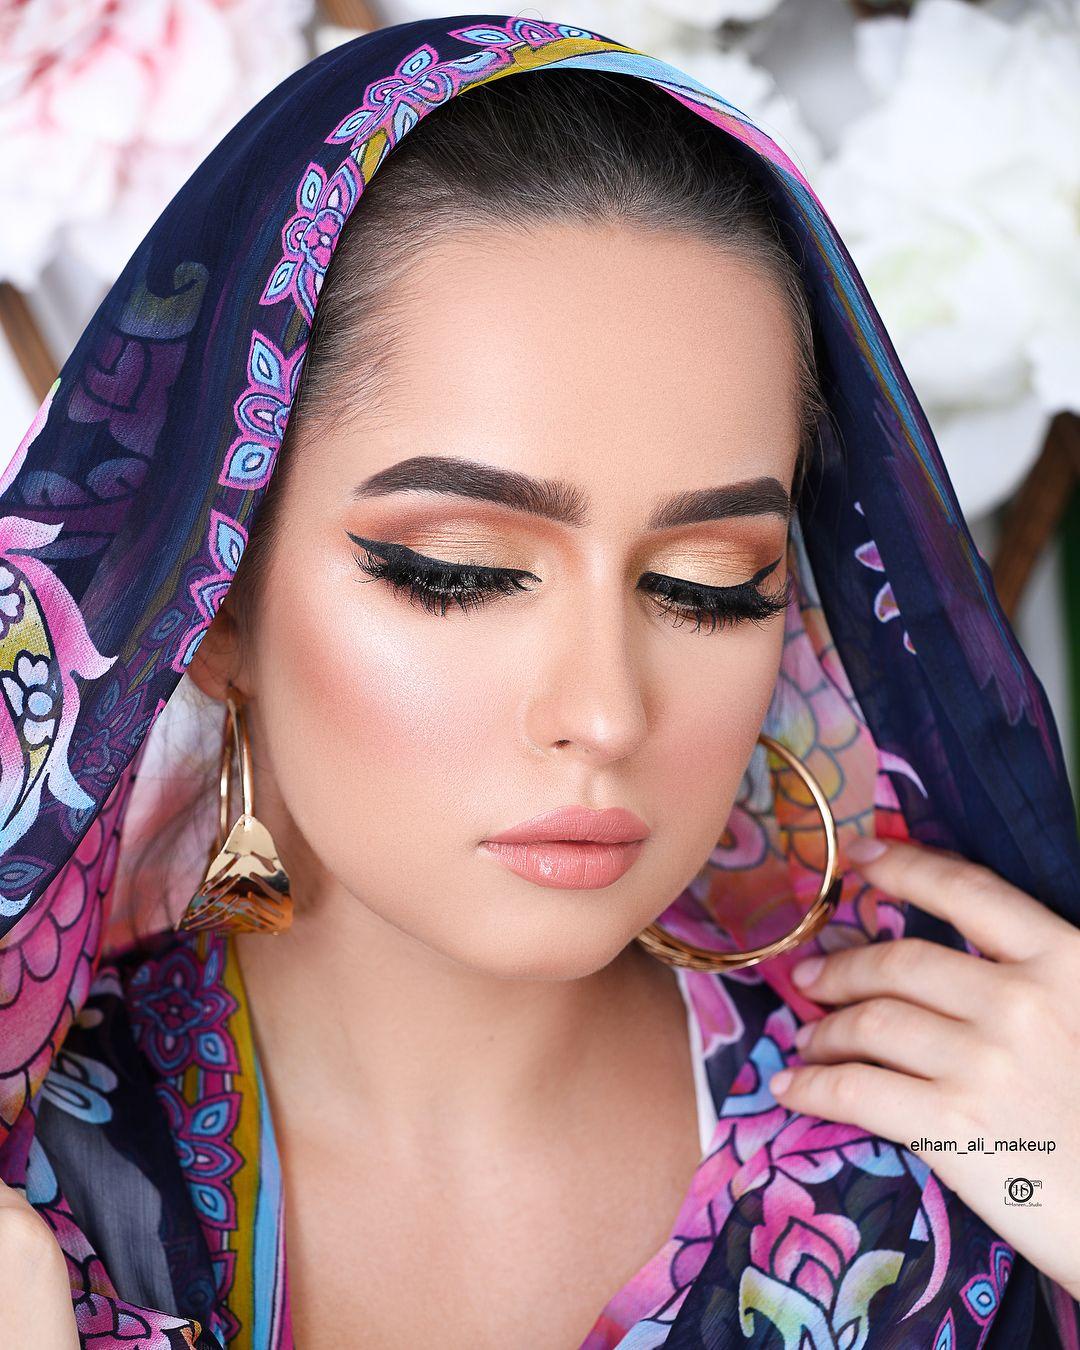 انا عن نفسي حبيت وايد اللوك وأنتو مكياجي Elham Ali Makeup تصوير المبدعة Haneen Studio المودل Ja Glowing Makeup Makeup Looks Beauty Women